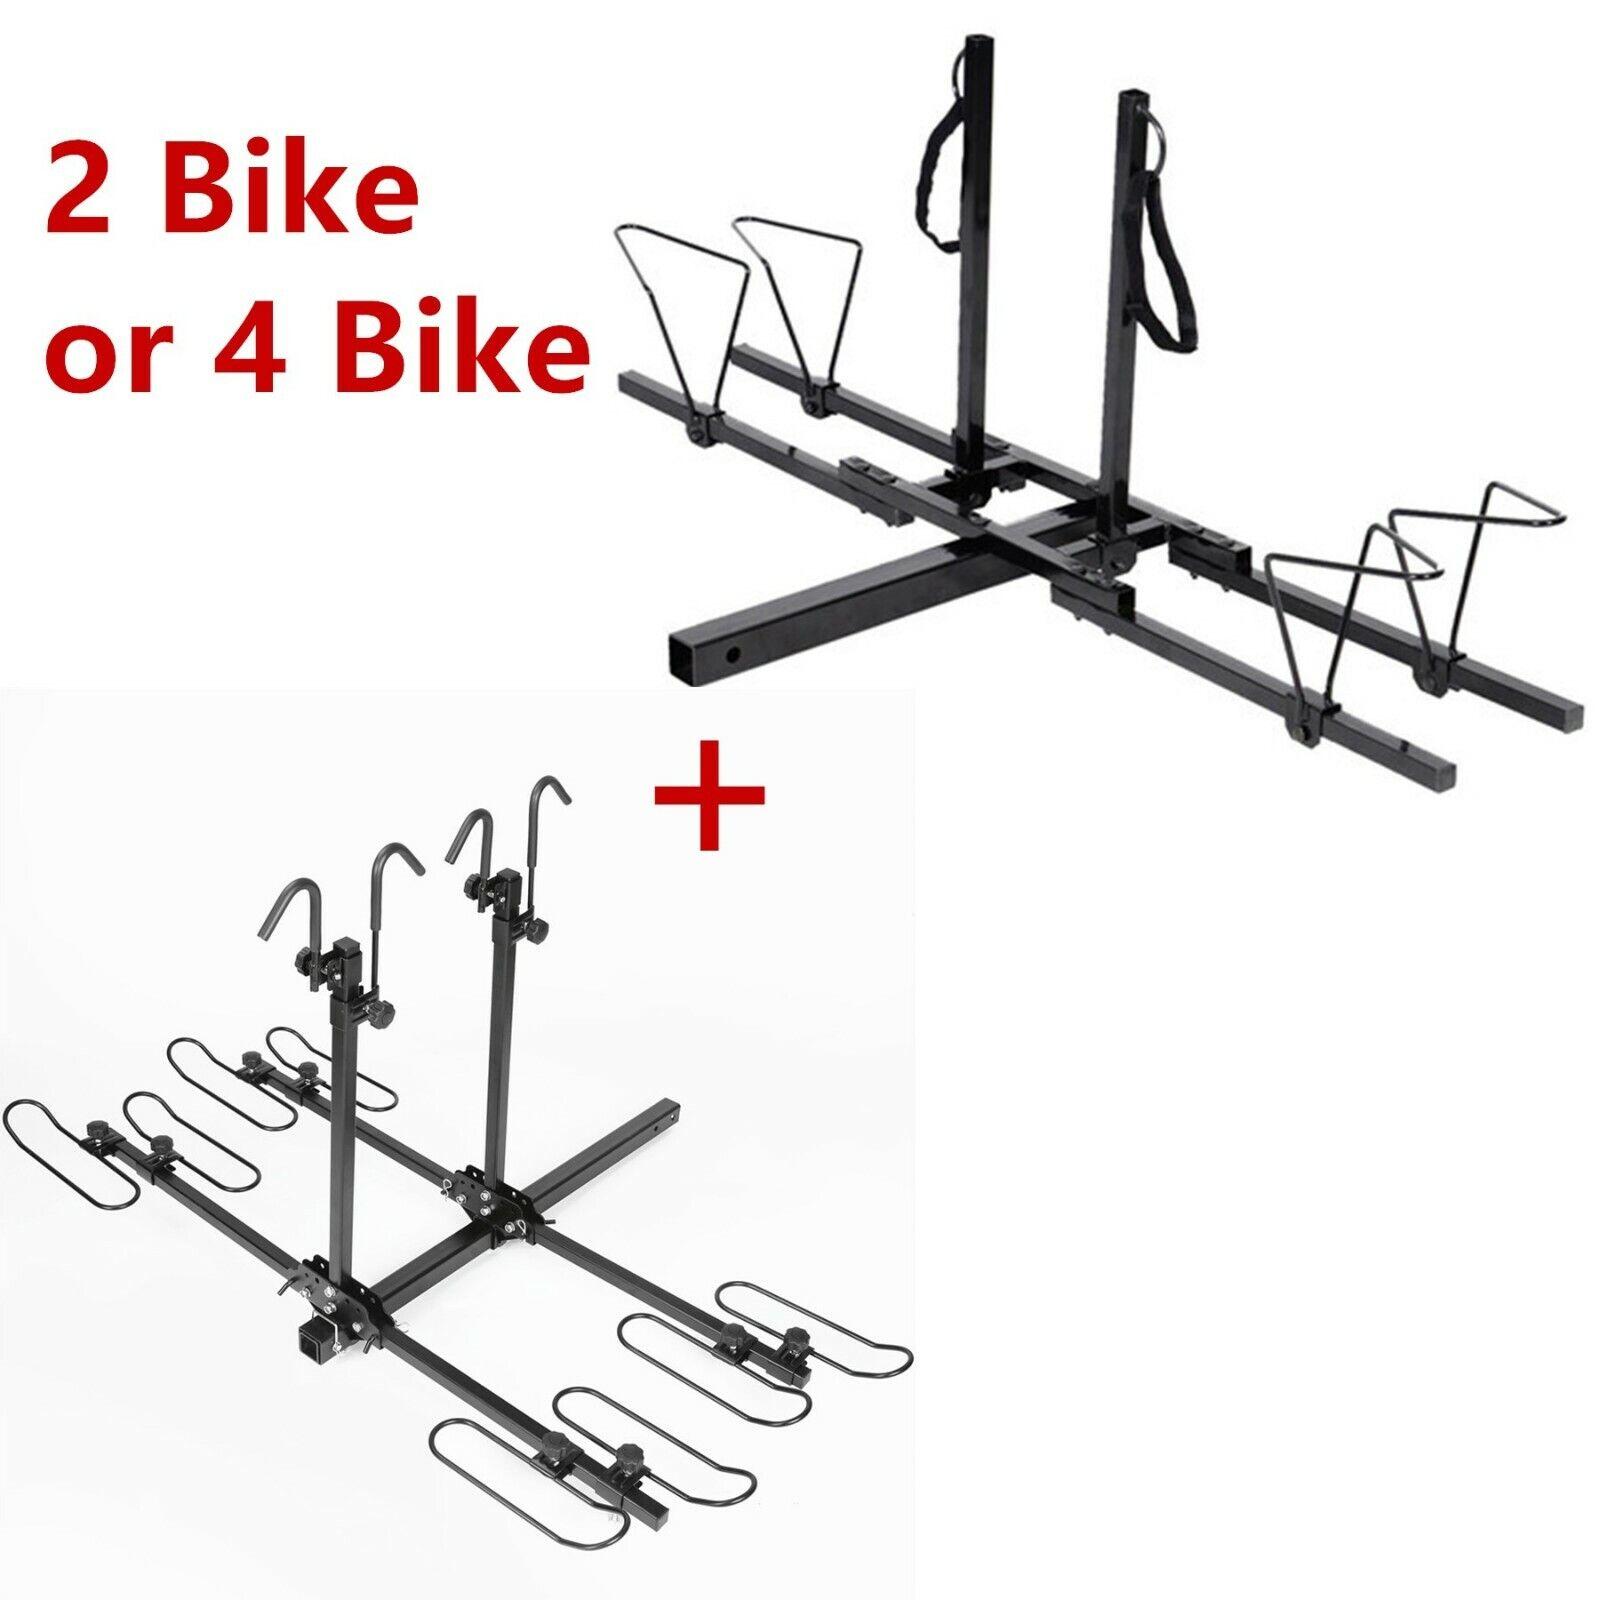 2 bike 4 bike bicycle carrier hitch